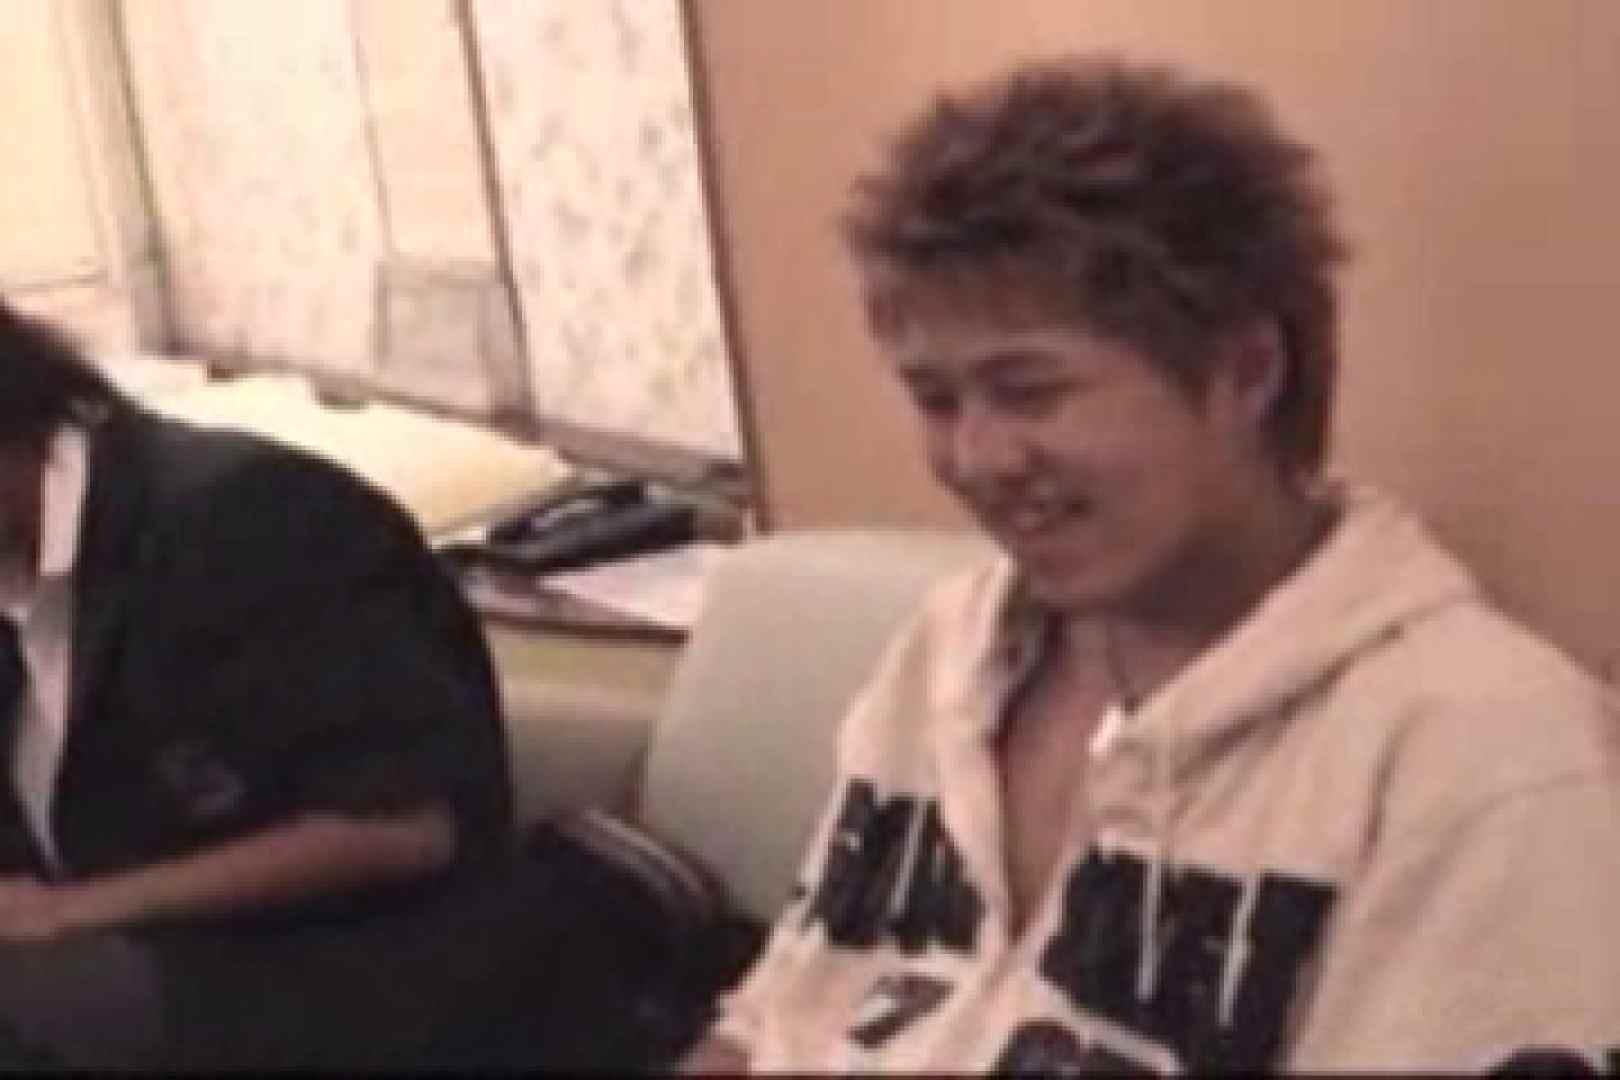 【流出】ジャニ系イケメン!!フライング&アナルが痛くて出来ません!! モデル 男同士動画 83枚 59